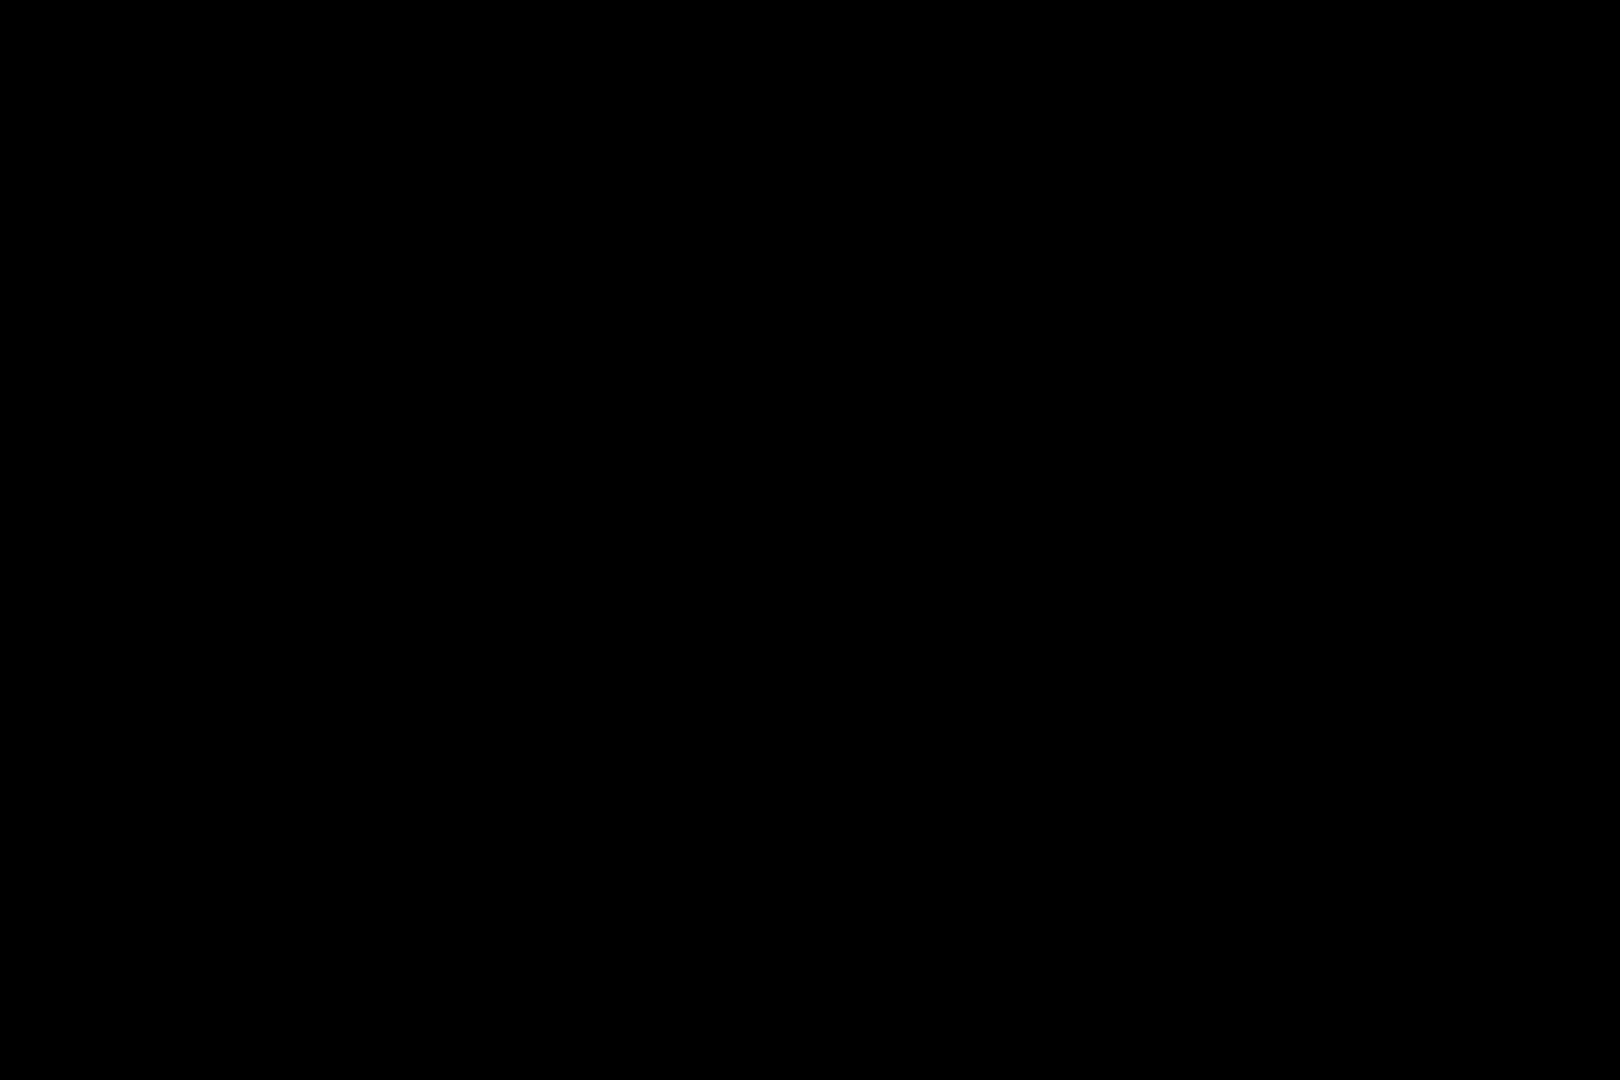 スジ筋ガチムチゴーグルマンvol7 ガチムチ ゲイSEX画像 70画像 3